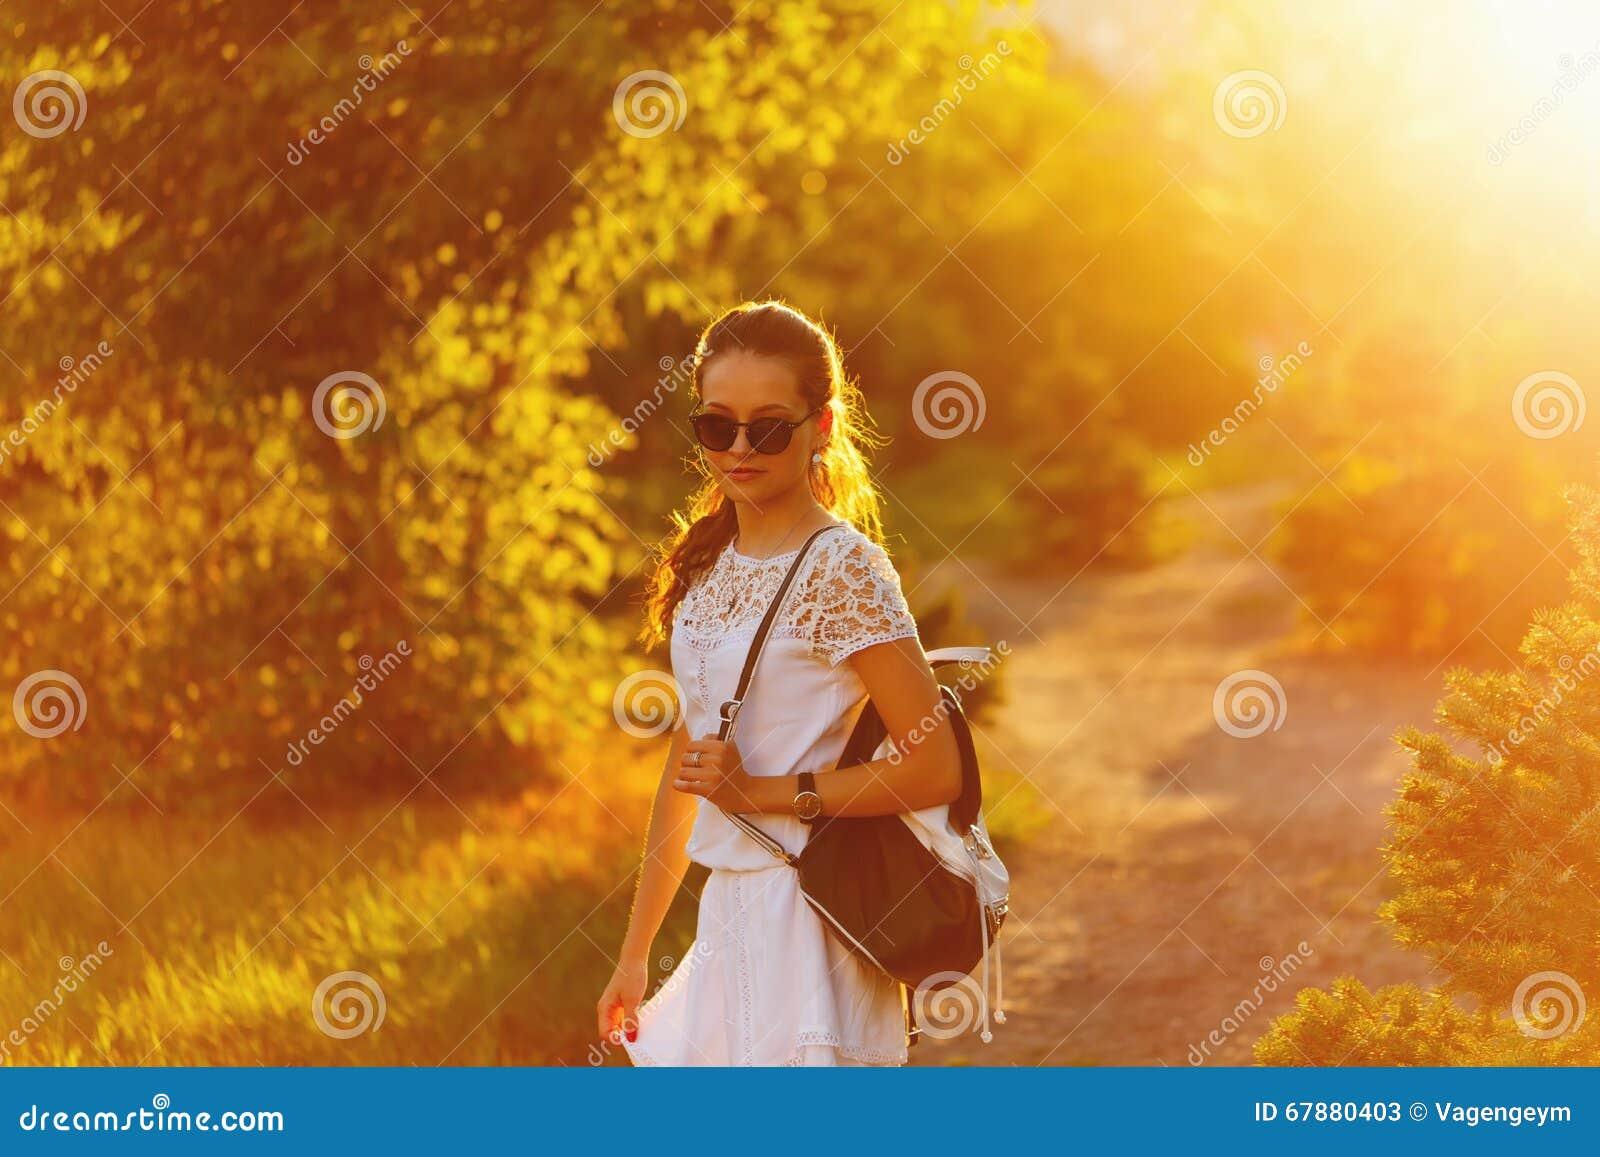 落日背景的嬉皮女孩